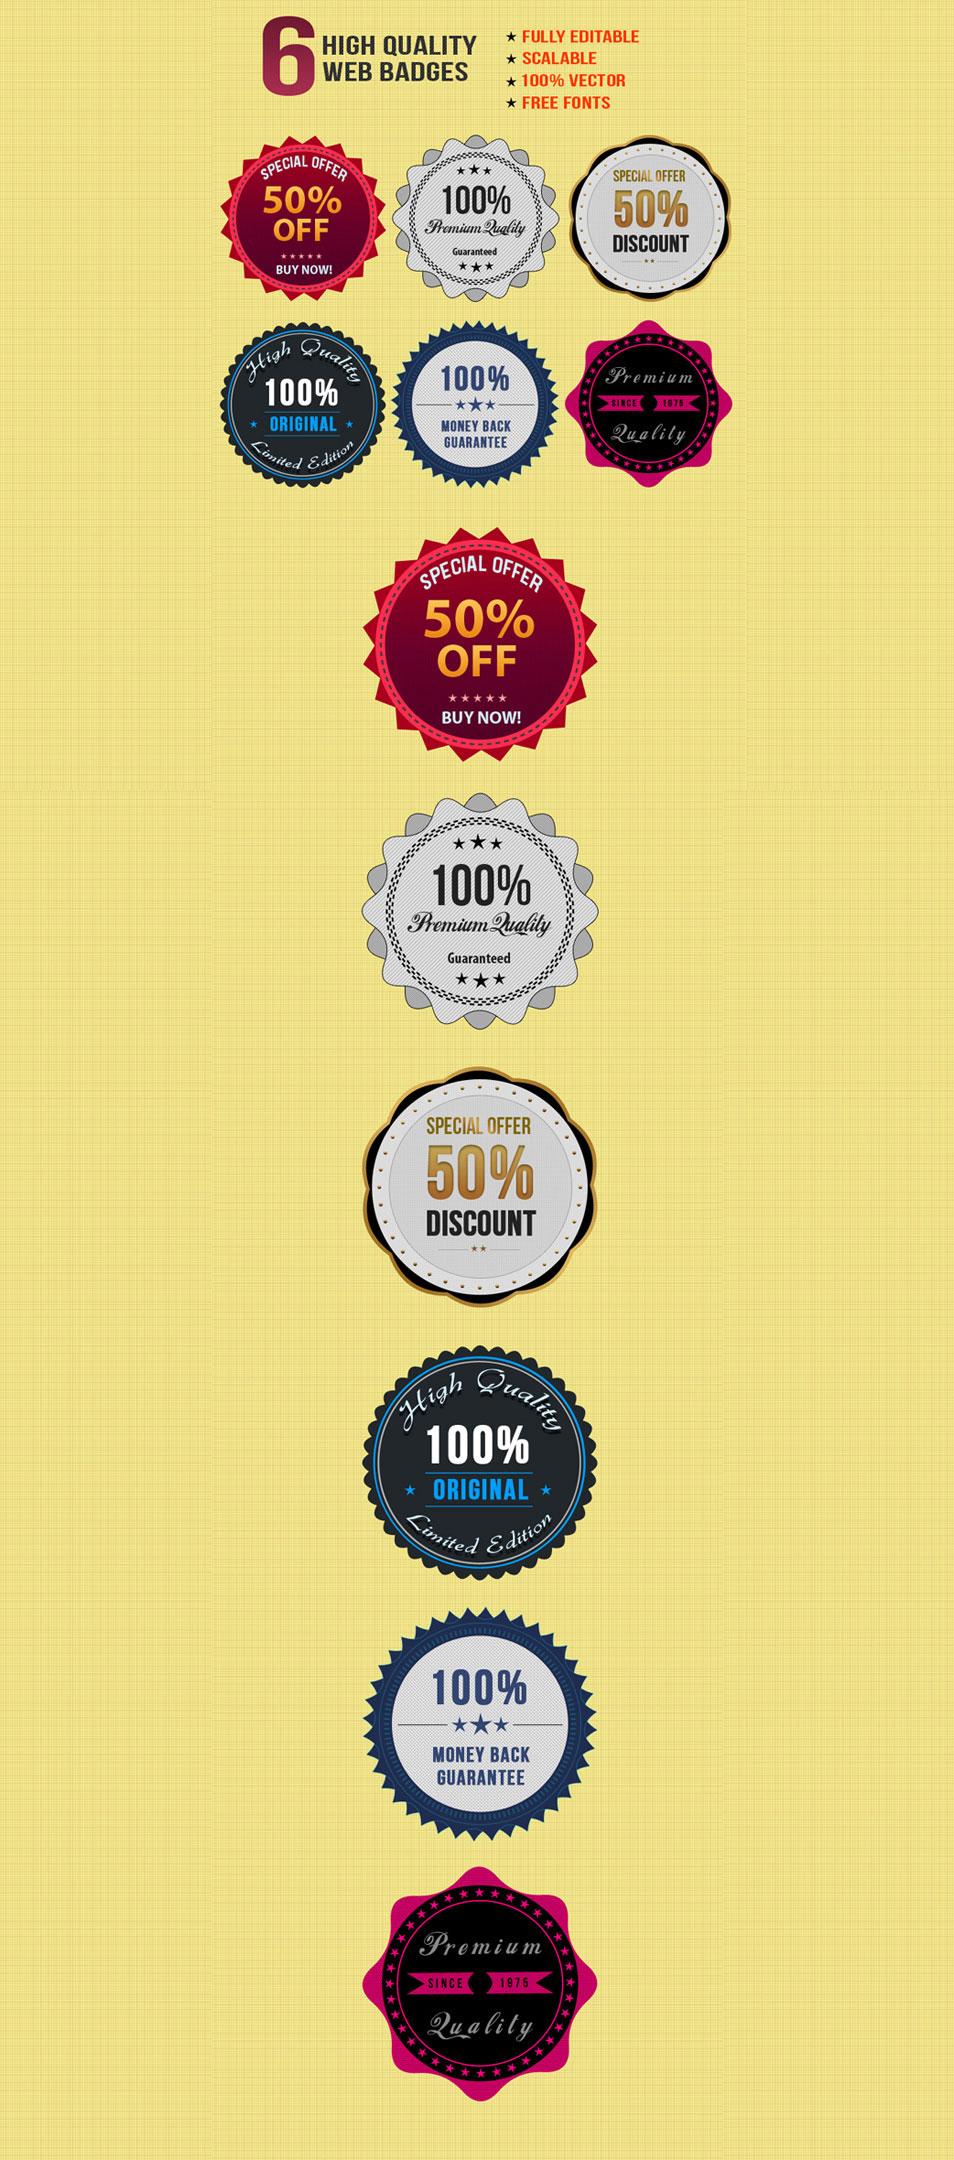 6 Free Stylish Web Badges